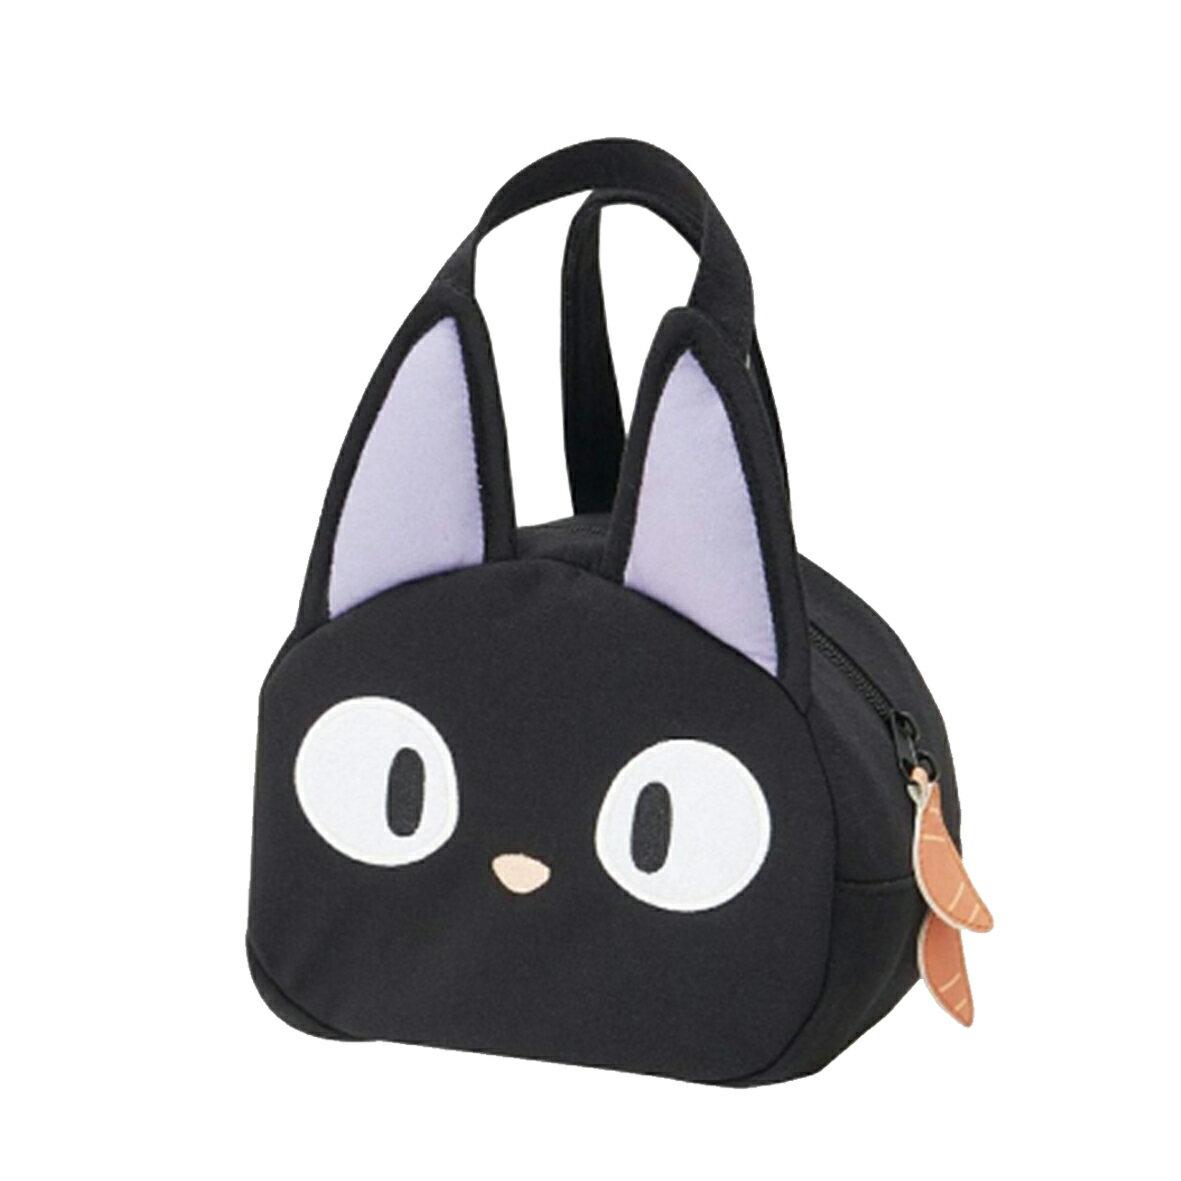 【蘋果小鹿】宮崎駿便當袋 - 黑貓琪琪